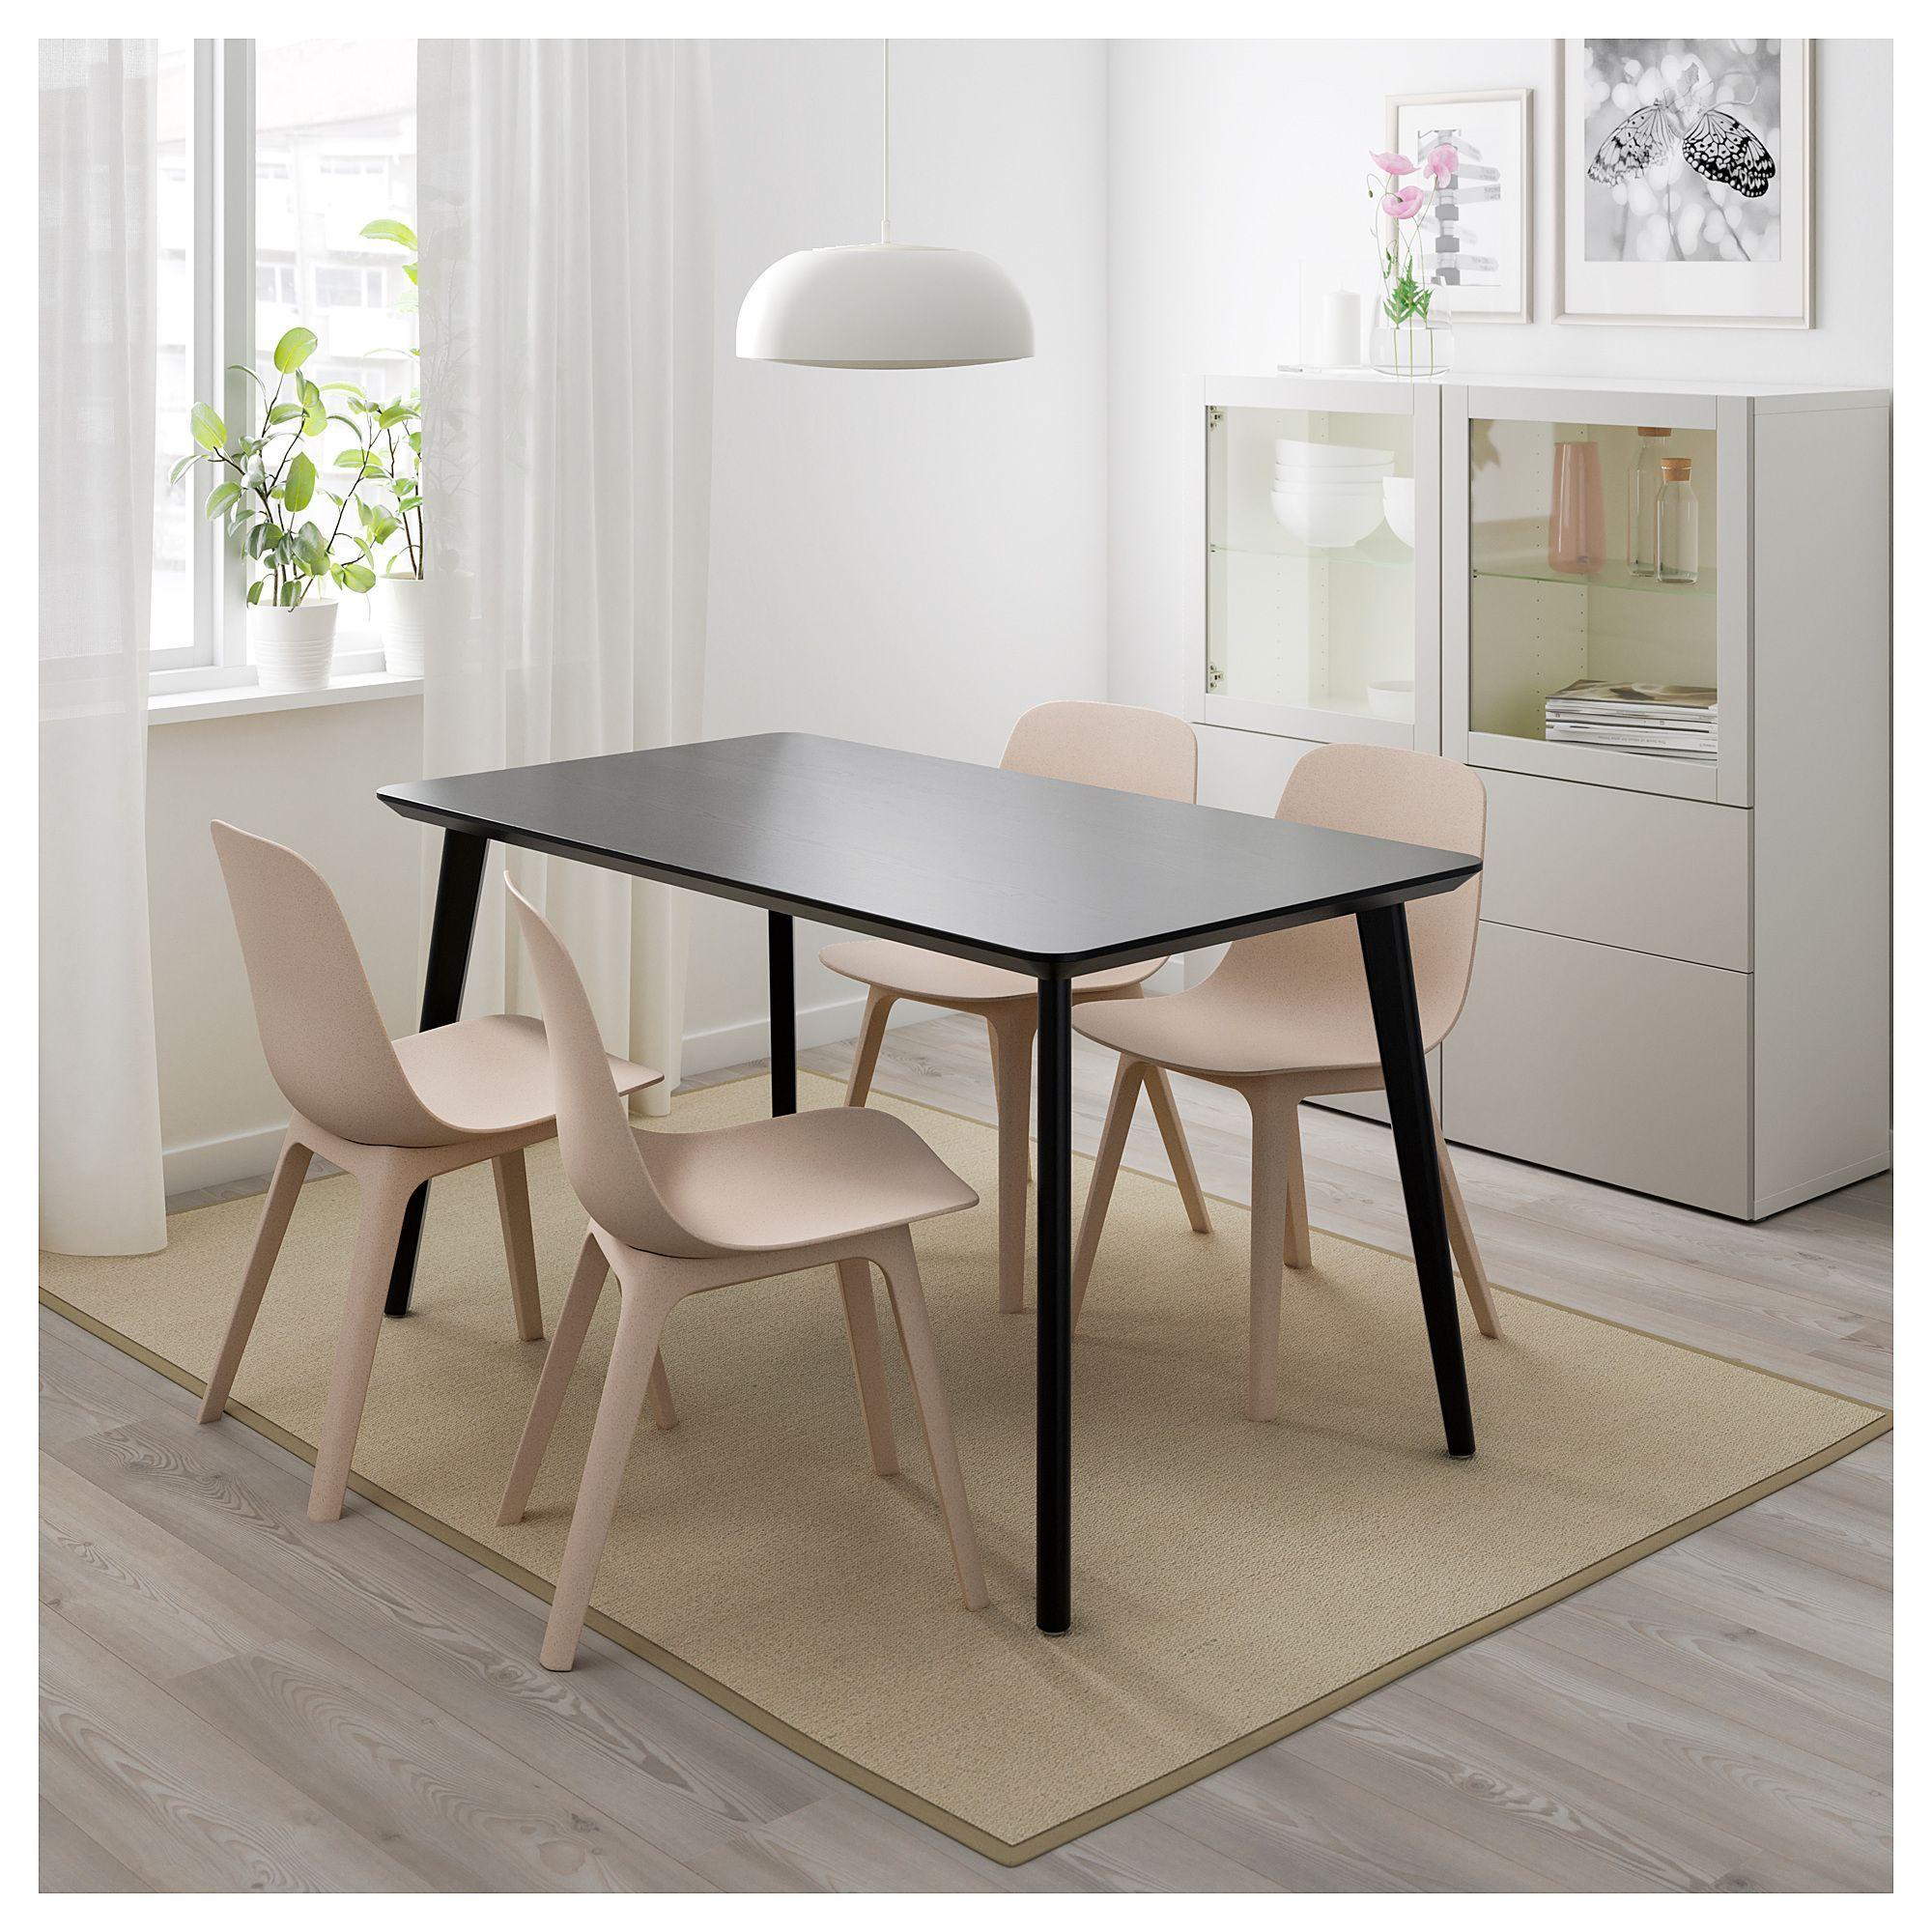 NORDVIKENLEIFARNE Bord och 2 stolar, svart, Broringe svart